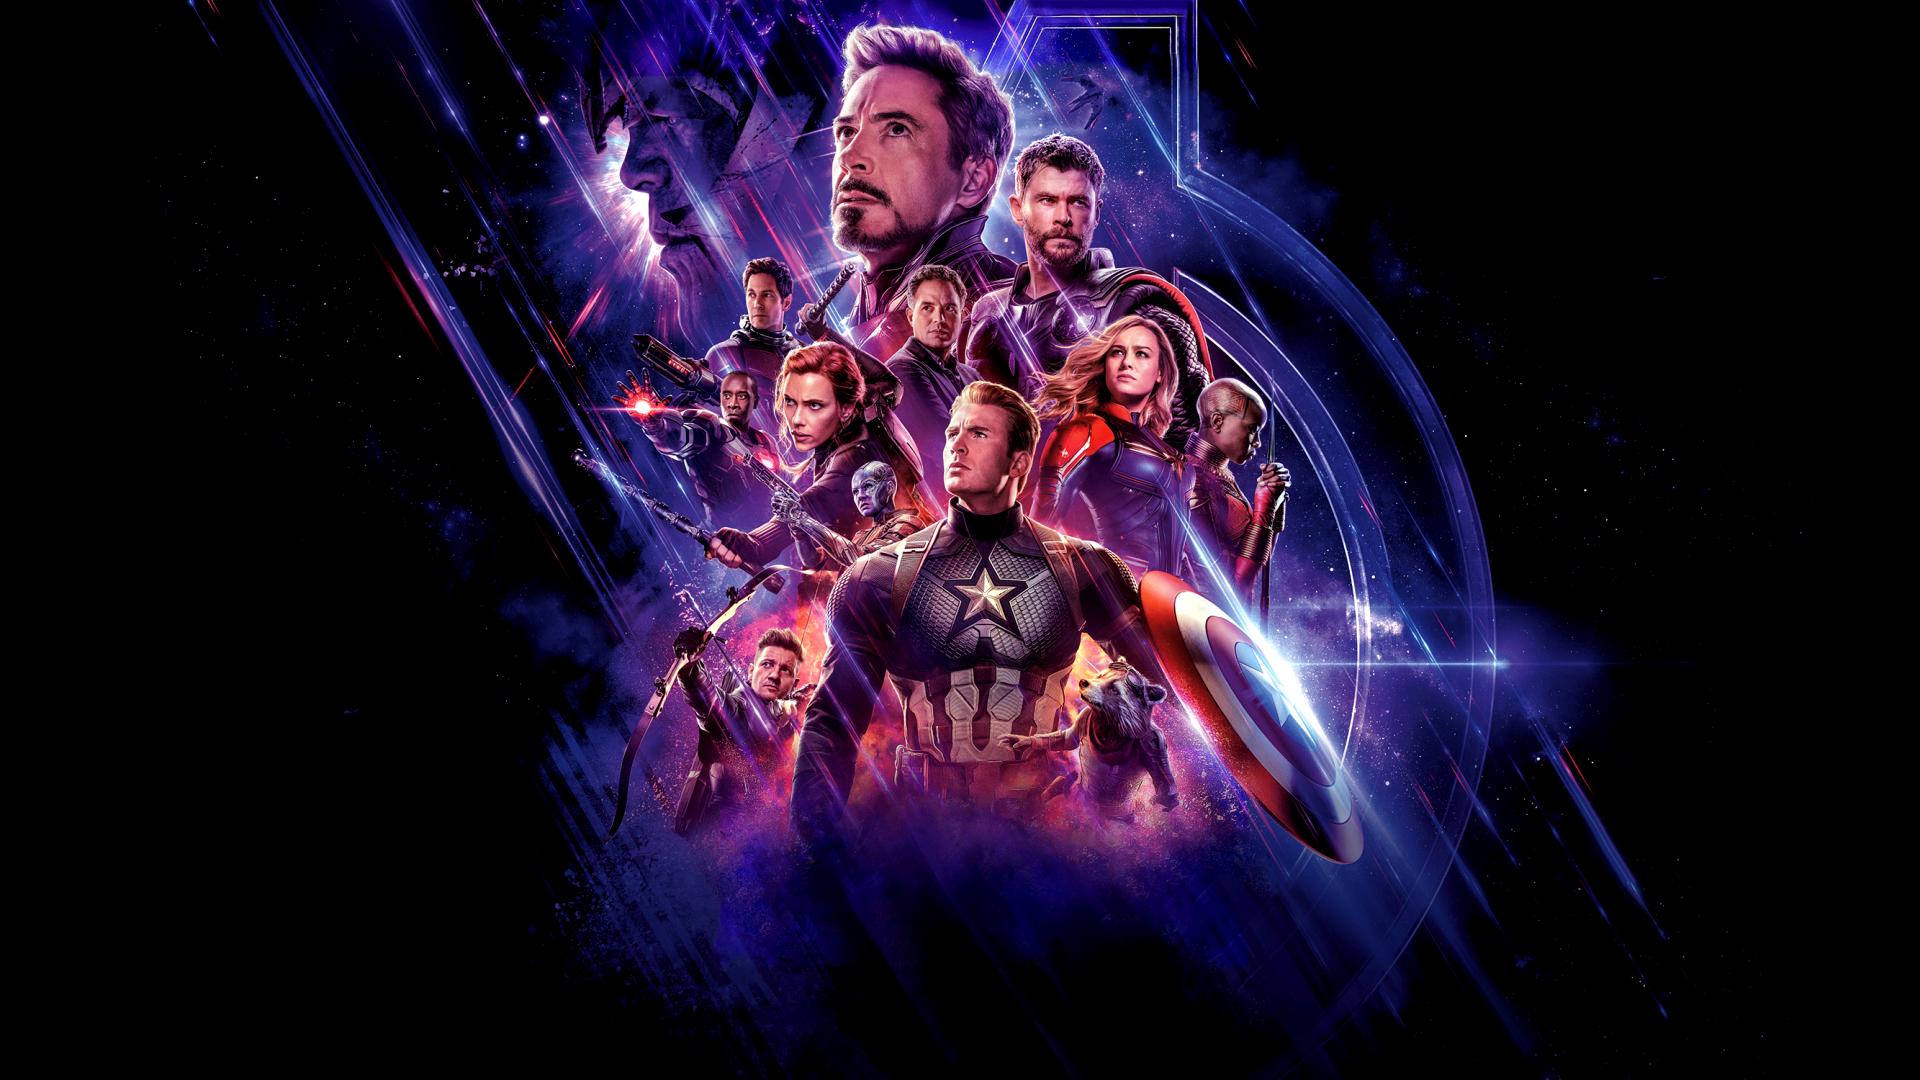 4k Wallpaper For Mobile 1920x1080 Movies Ideas Avengers Marvel Pahlawan Super